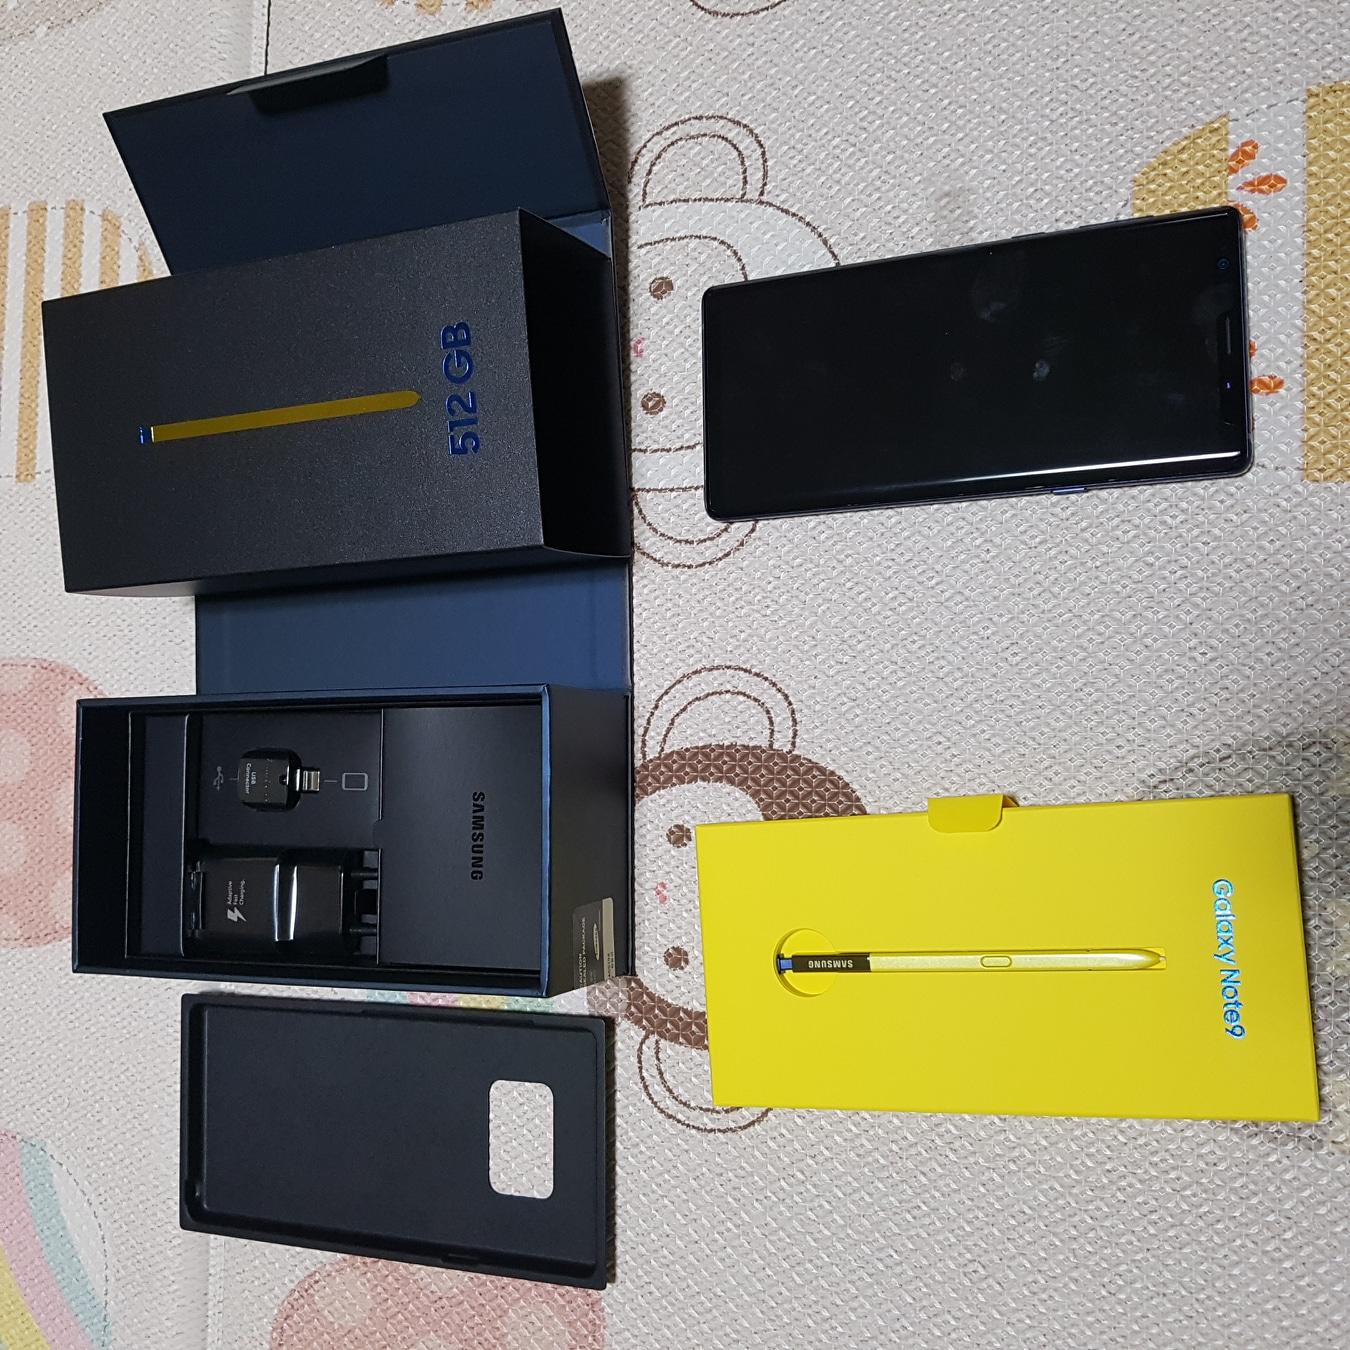 갤럭시 노트9 블루 512G 미사용 새제품 67만원